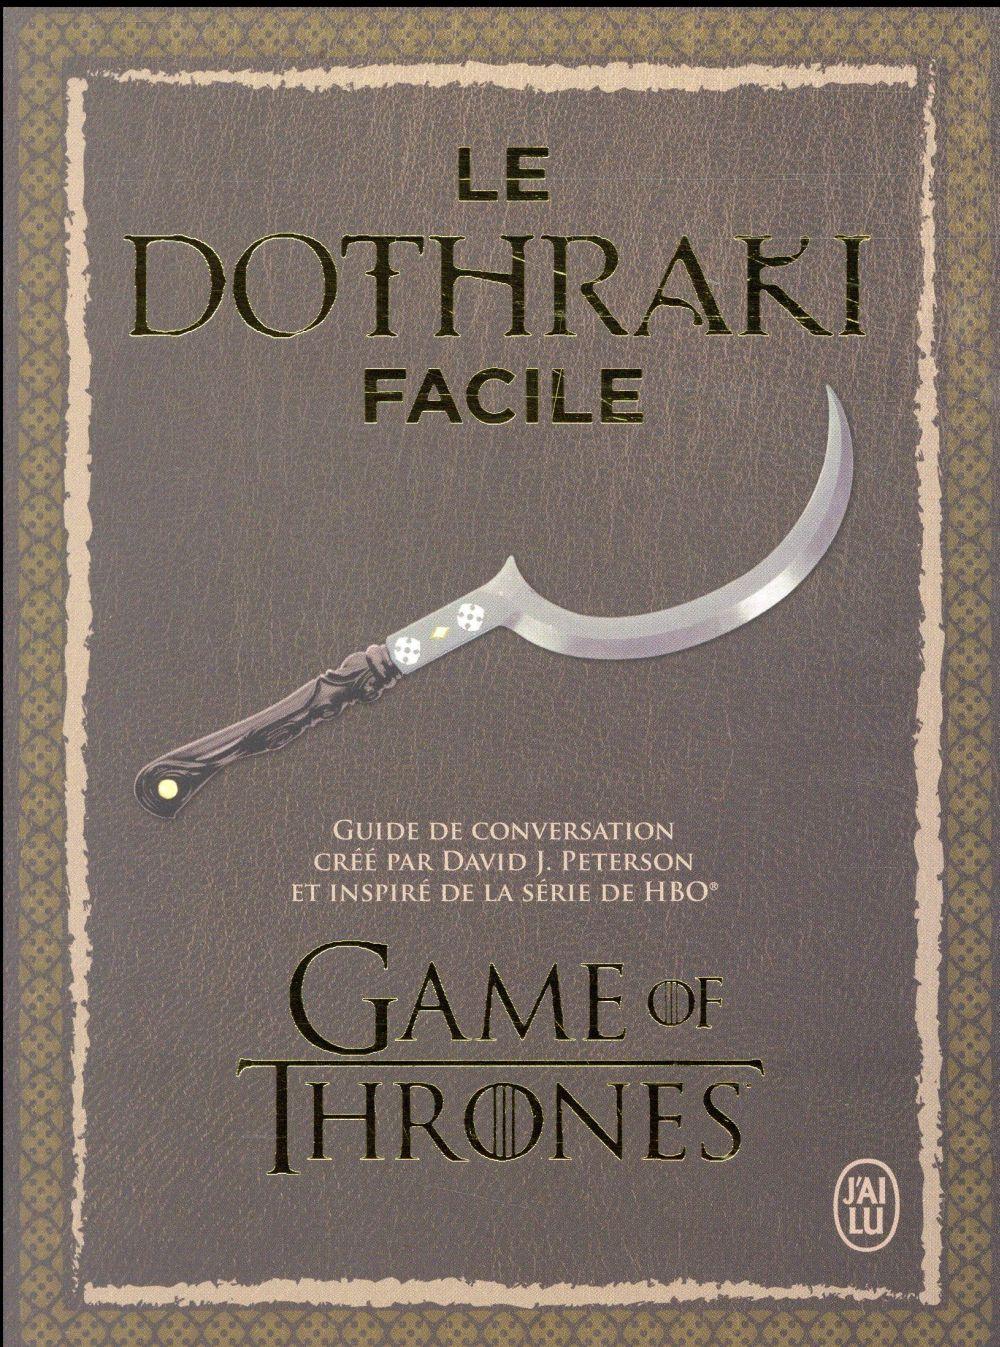 LE DOTHRAKI FACILE - GUIDE DE CONVERSATION CREE PAR DAVID J. PETERSON ET INSPIRE DE LA SERIE DE HBO